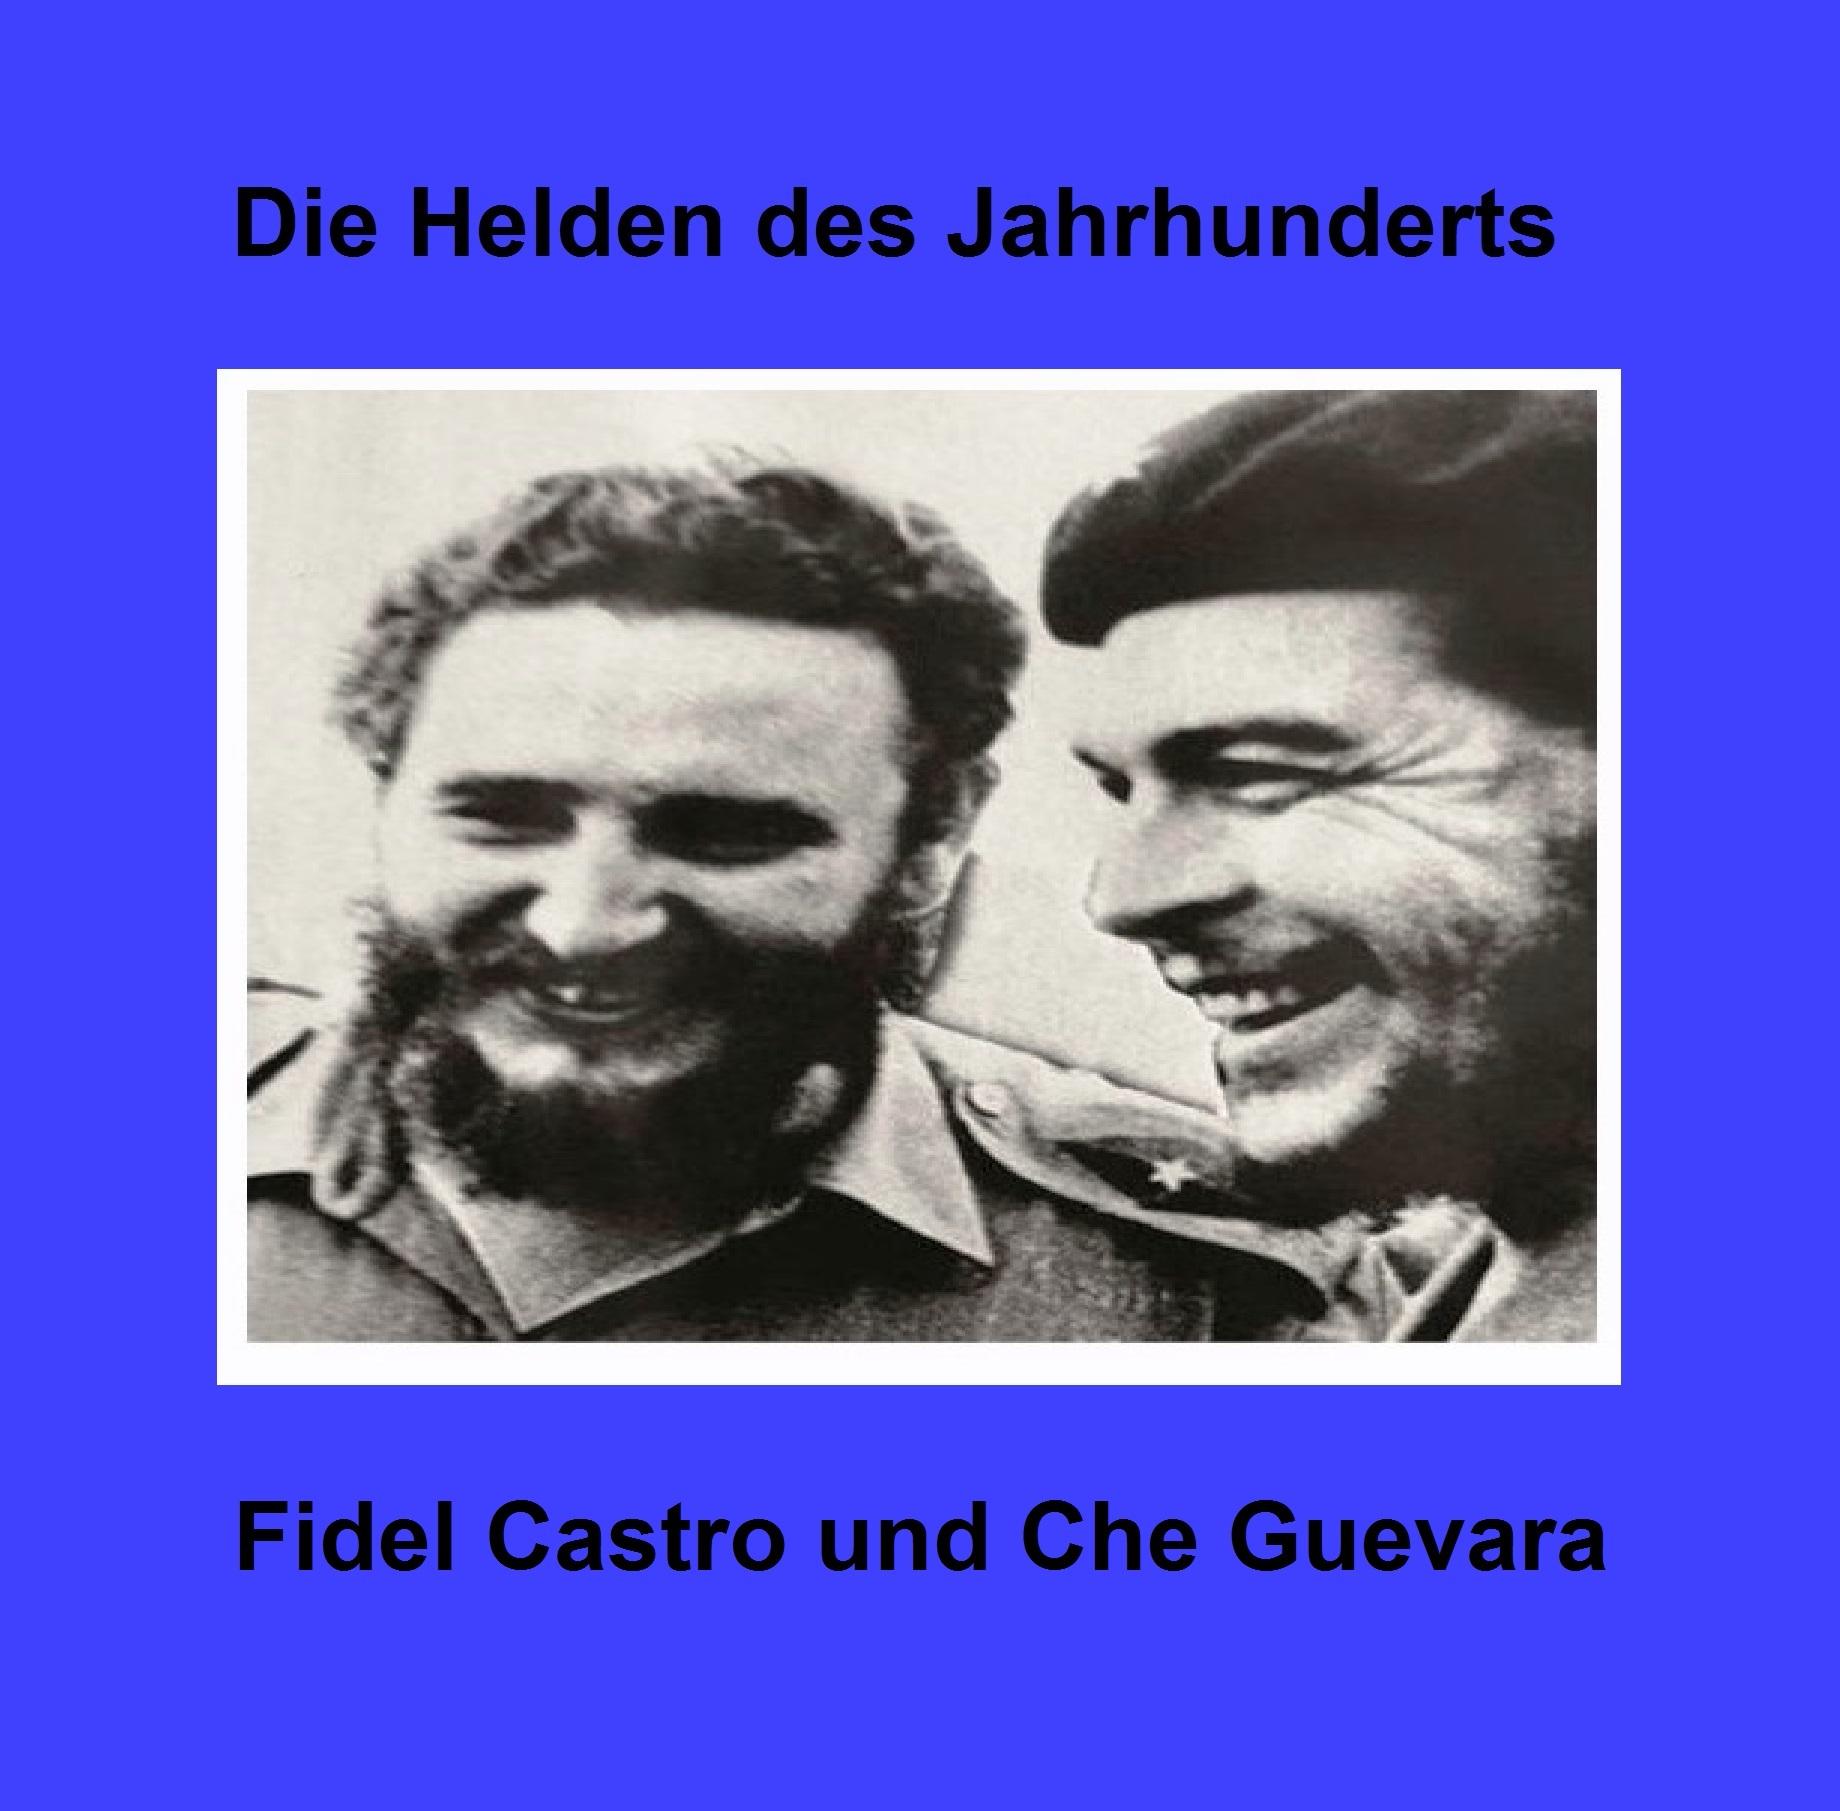 Die Helden des Jahrhunderts - Fidel Castro und Che Guevara